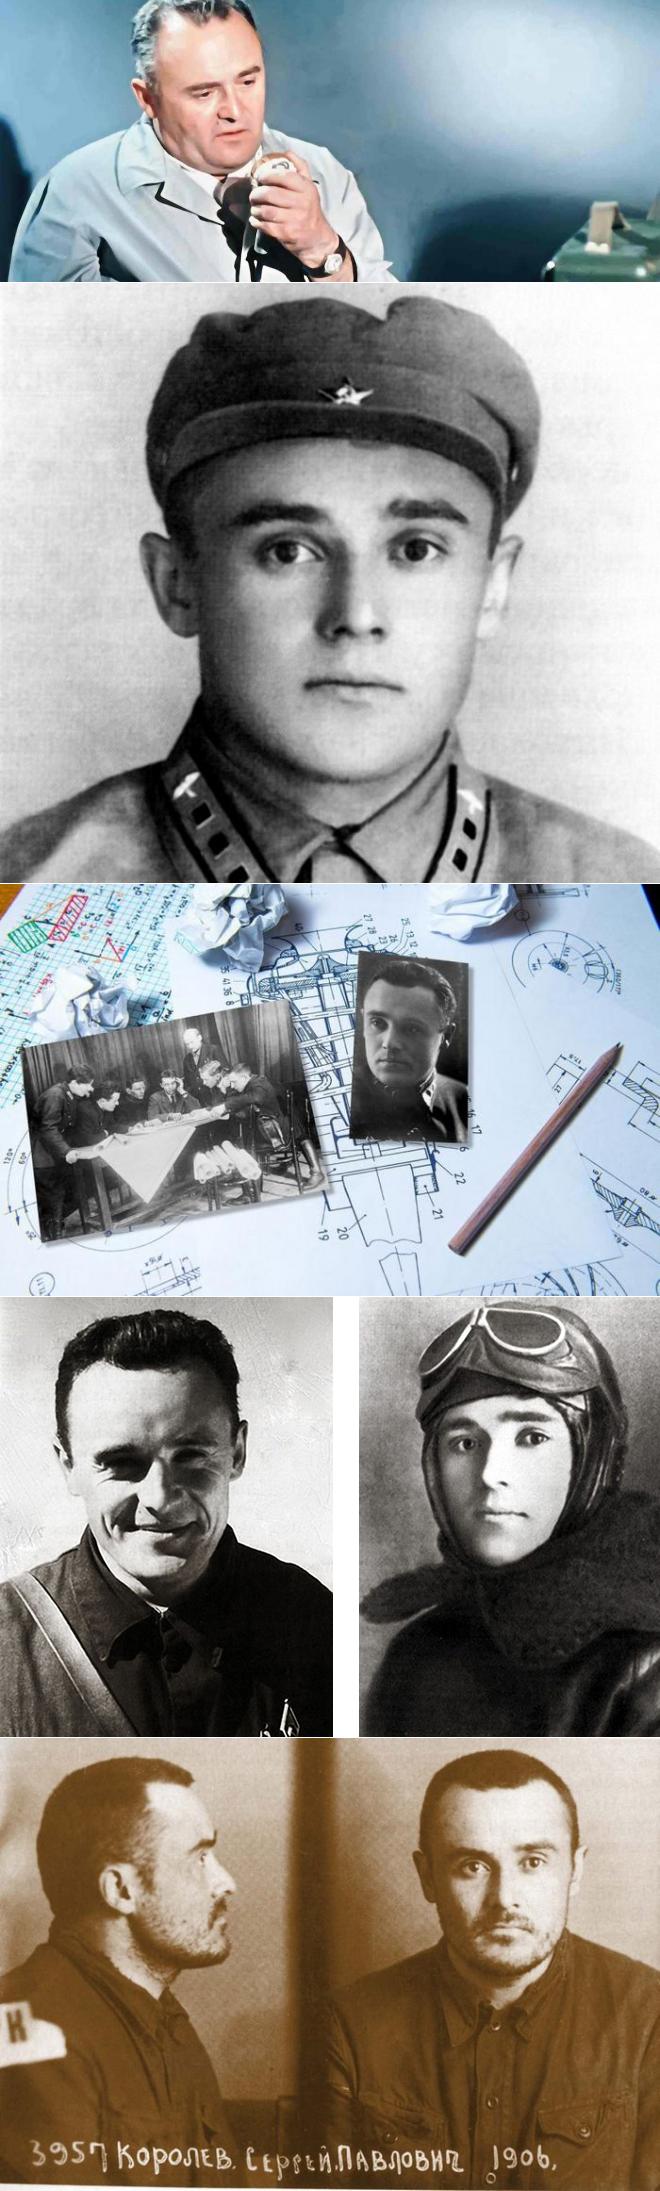 сергей королёв биография личная жизнь